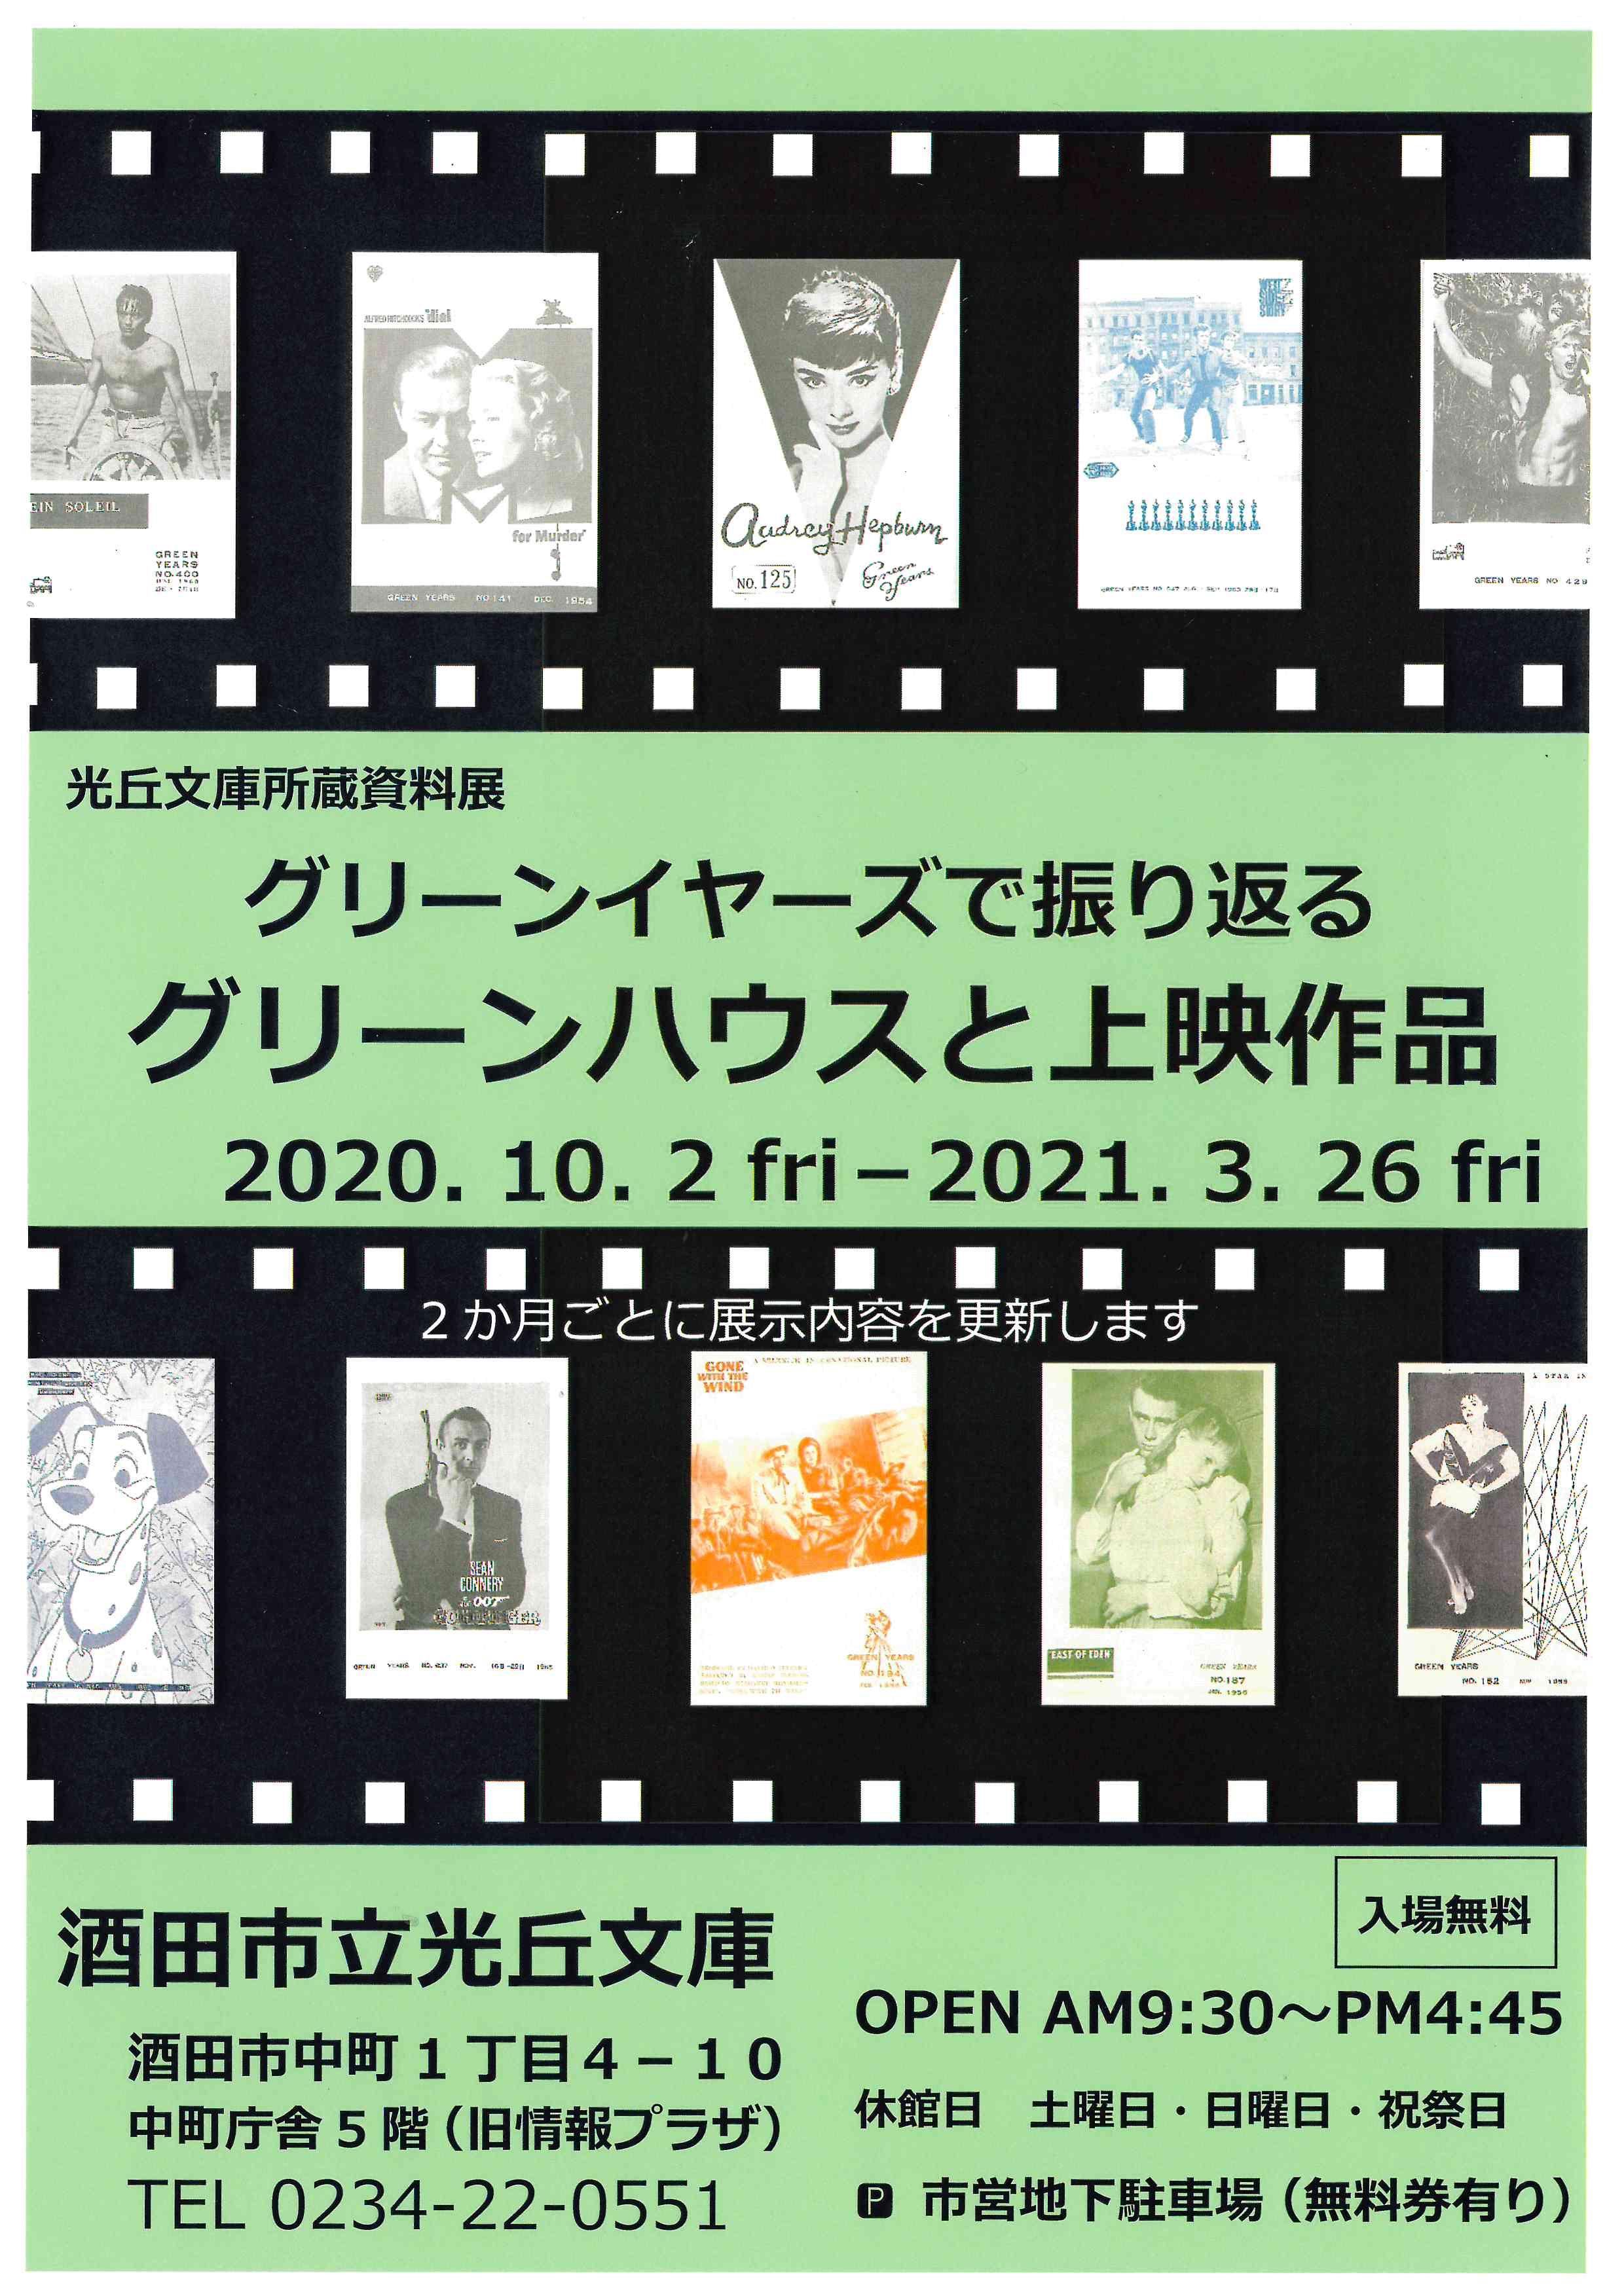 光丘文庫所蔵資料展示チラシの画像